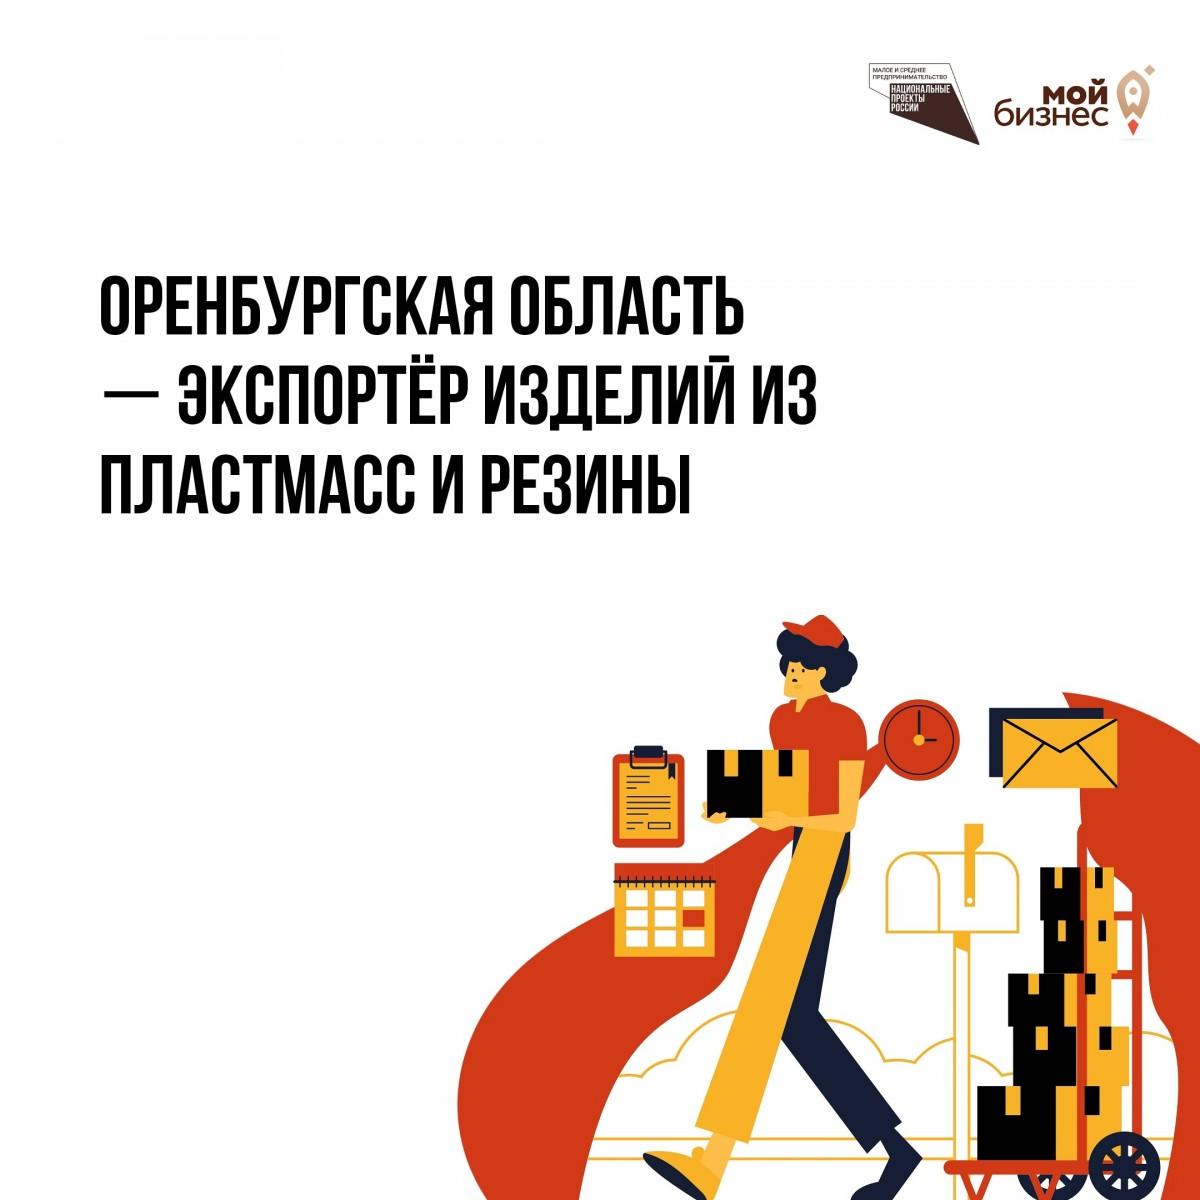 Оренбургская область-экспортёр изделий из пластмасс и резины